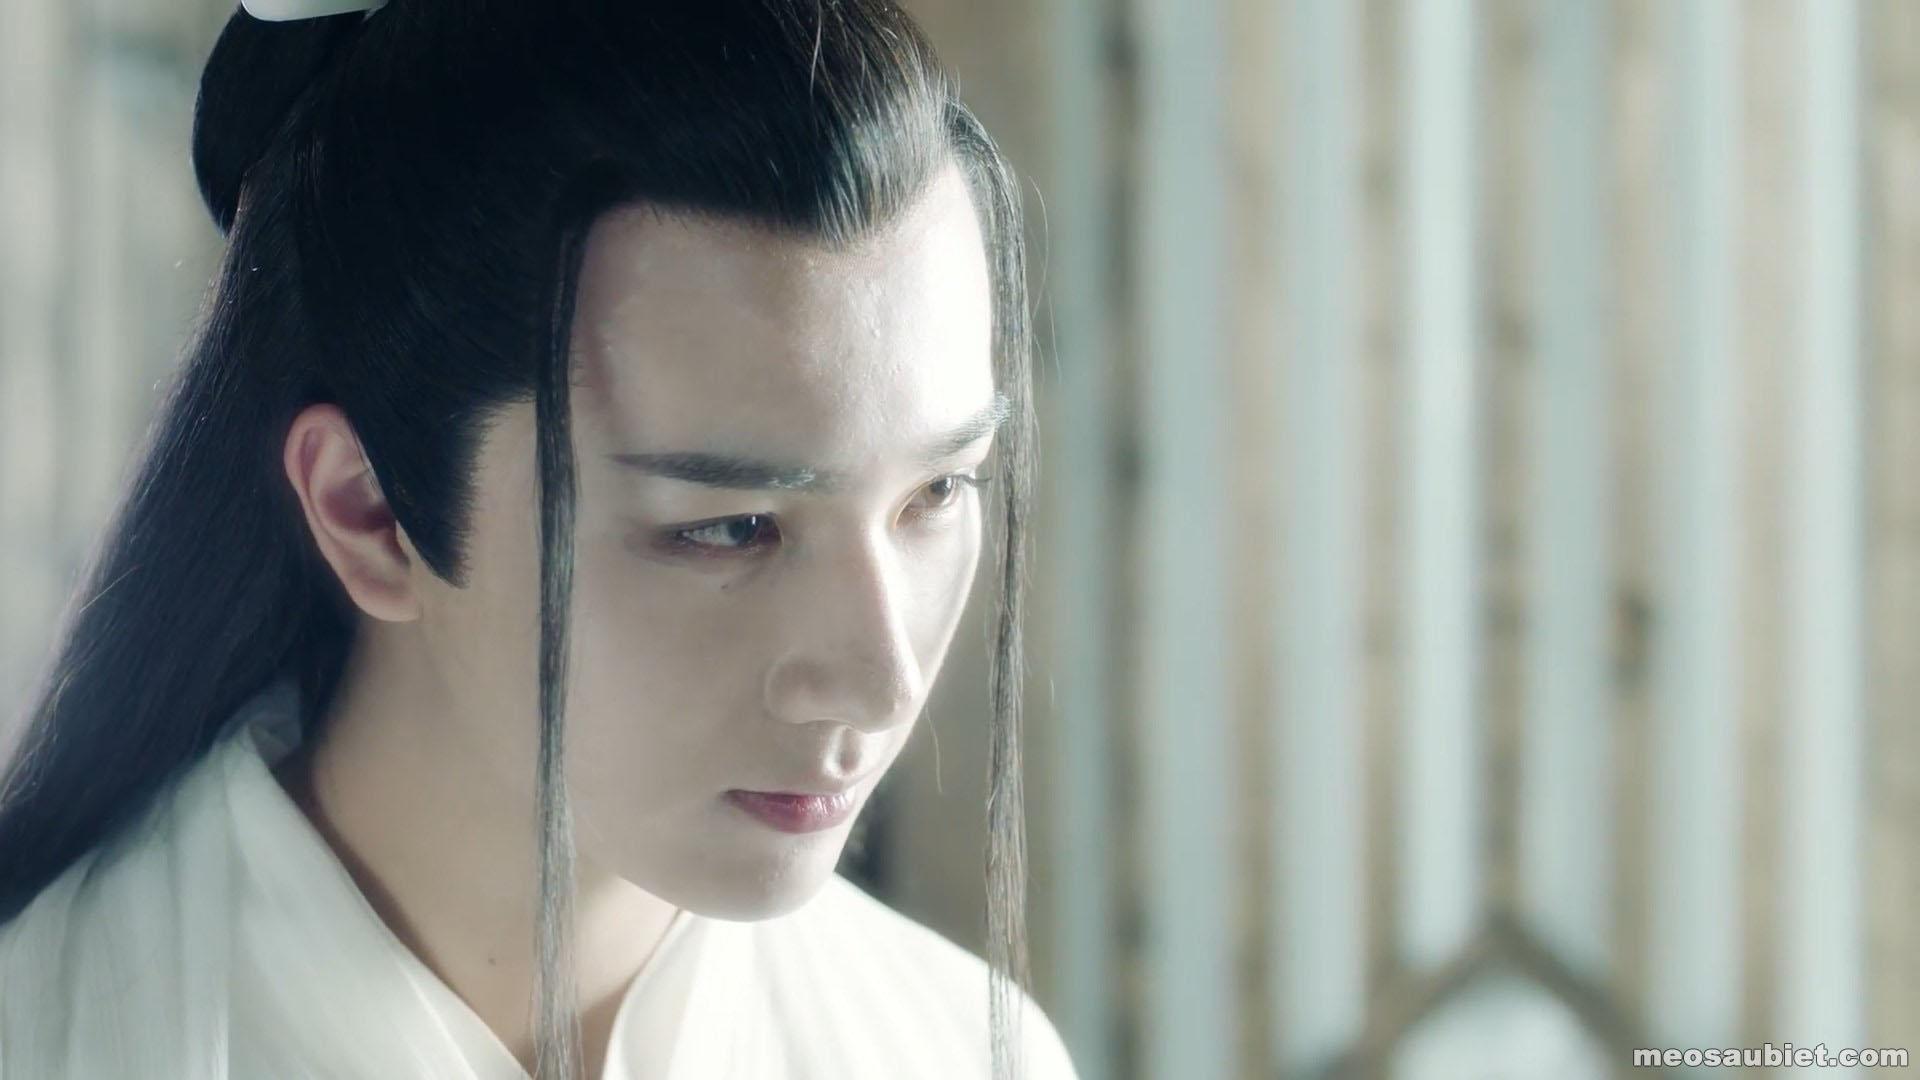 Thiên lôi nhất bộ : Xuân Hoa Thu Nguyệt 2019 Lý Hoành Nghị trong vai Thượng Quan Thu Nguyệt